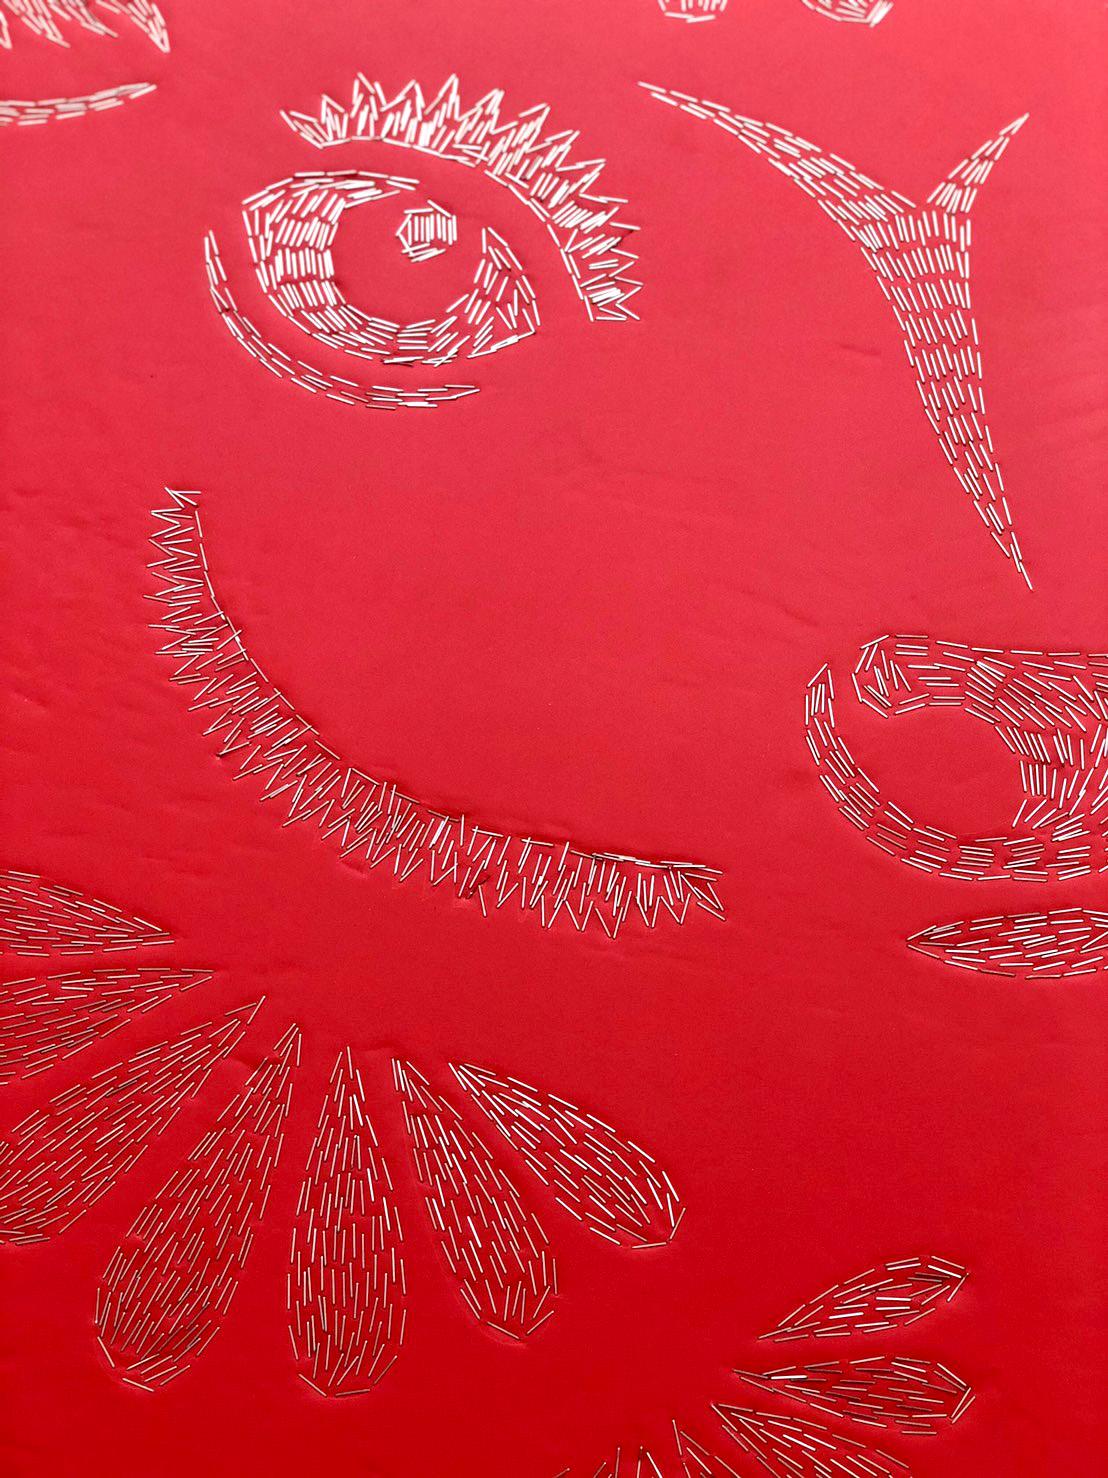 2021紅牛報喜 旺新年 X ODC歐原品牌形象設計